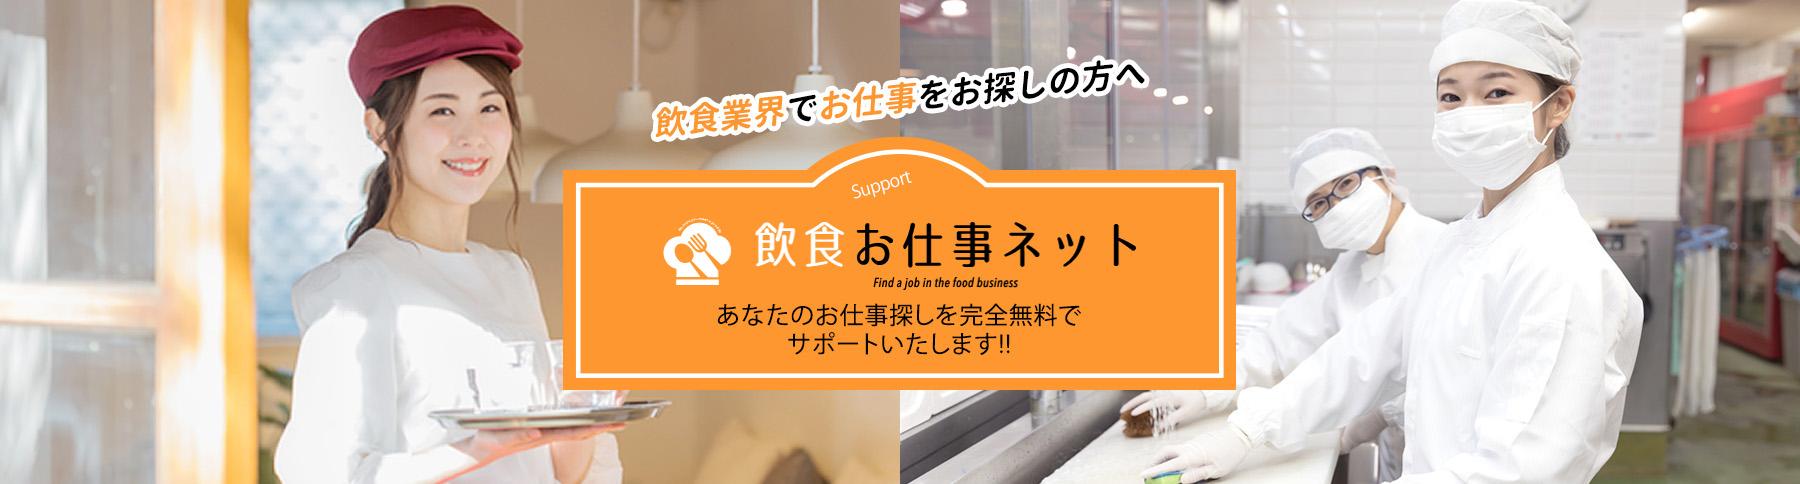 ドライバーの就職・転職なら「東京ドライバーお仕事ナビ」にお任せ!